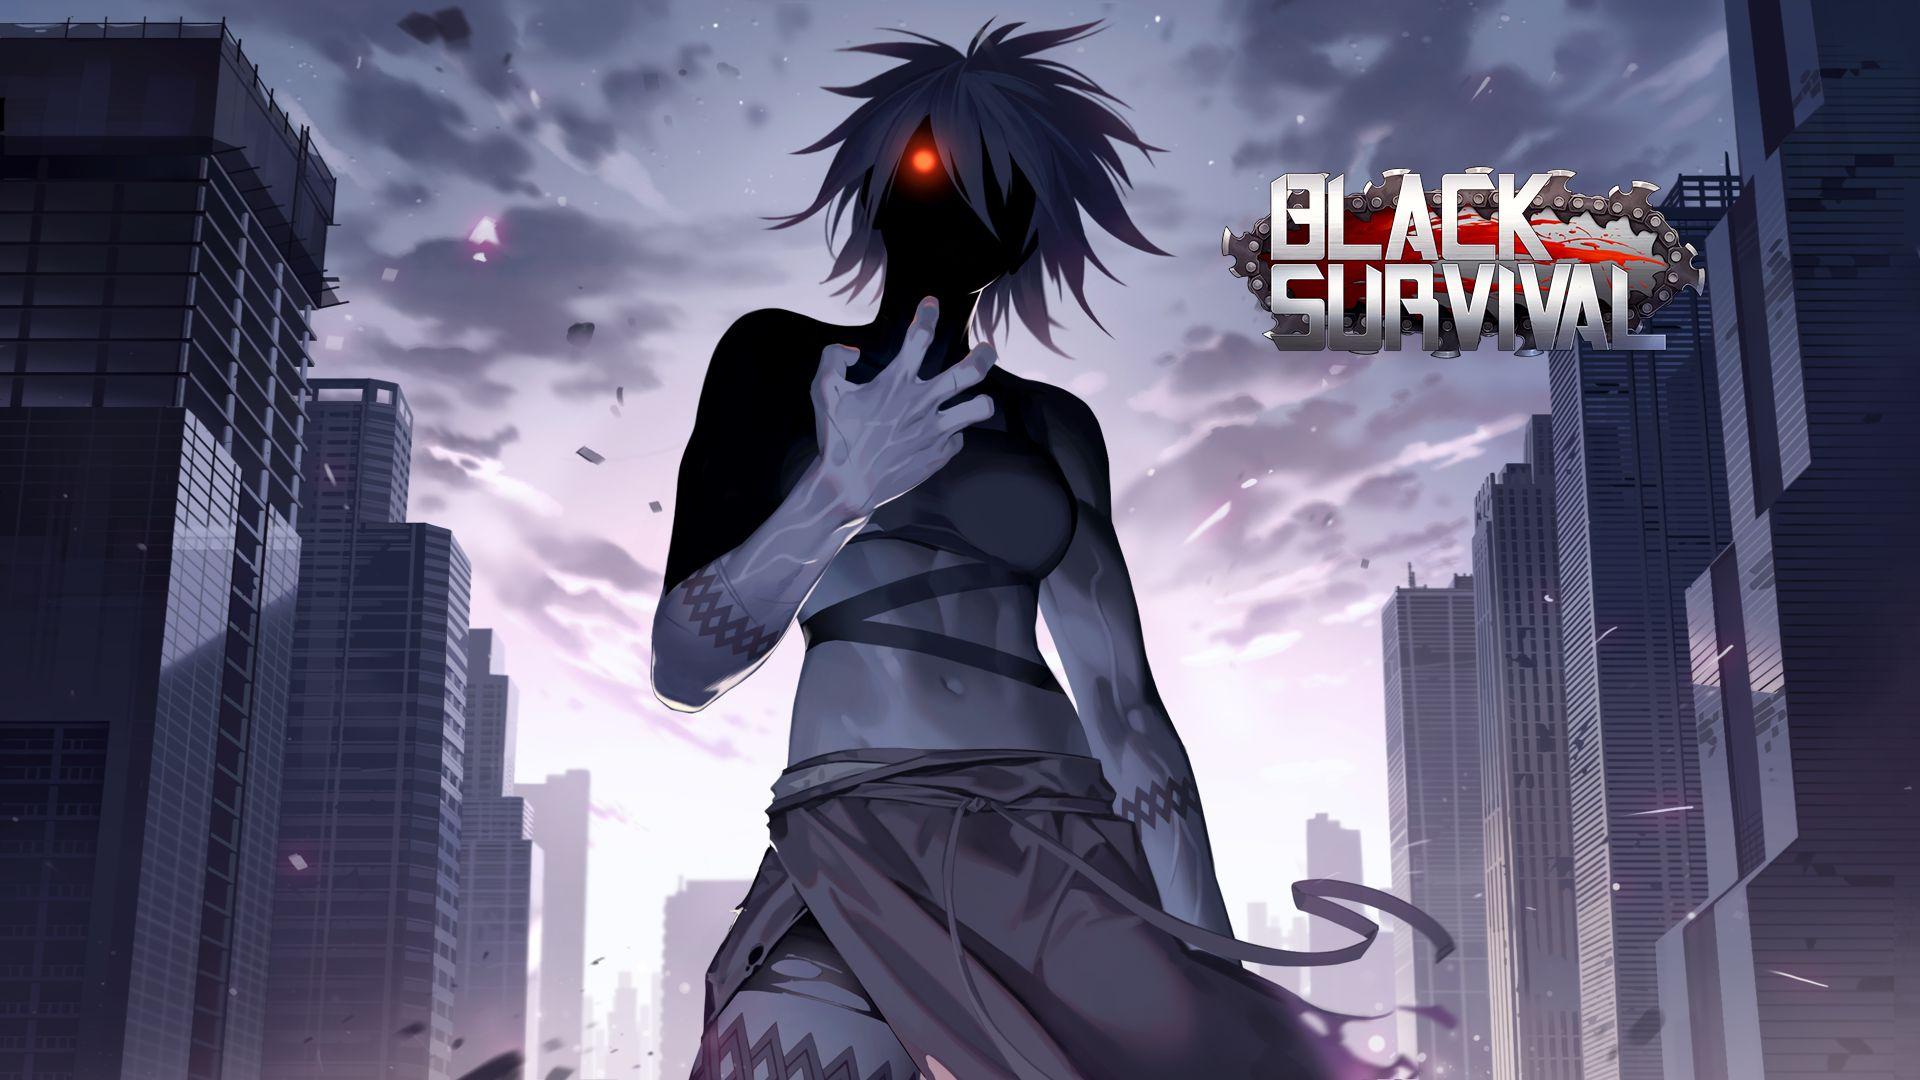 黑色幸存者 游戏截图1